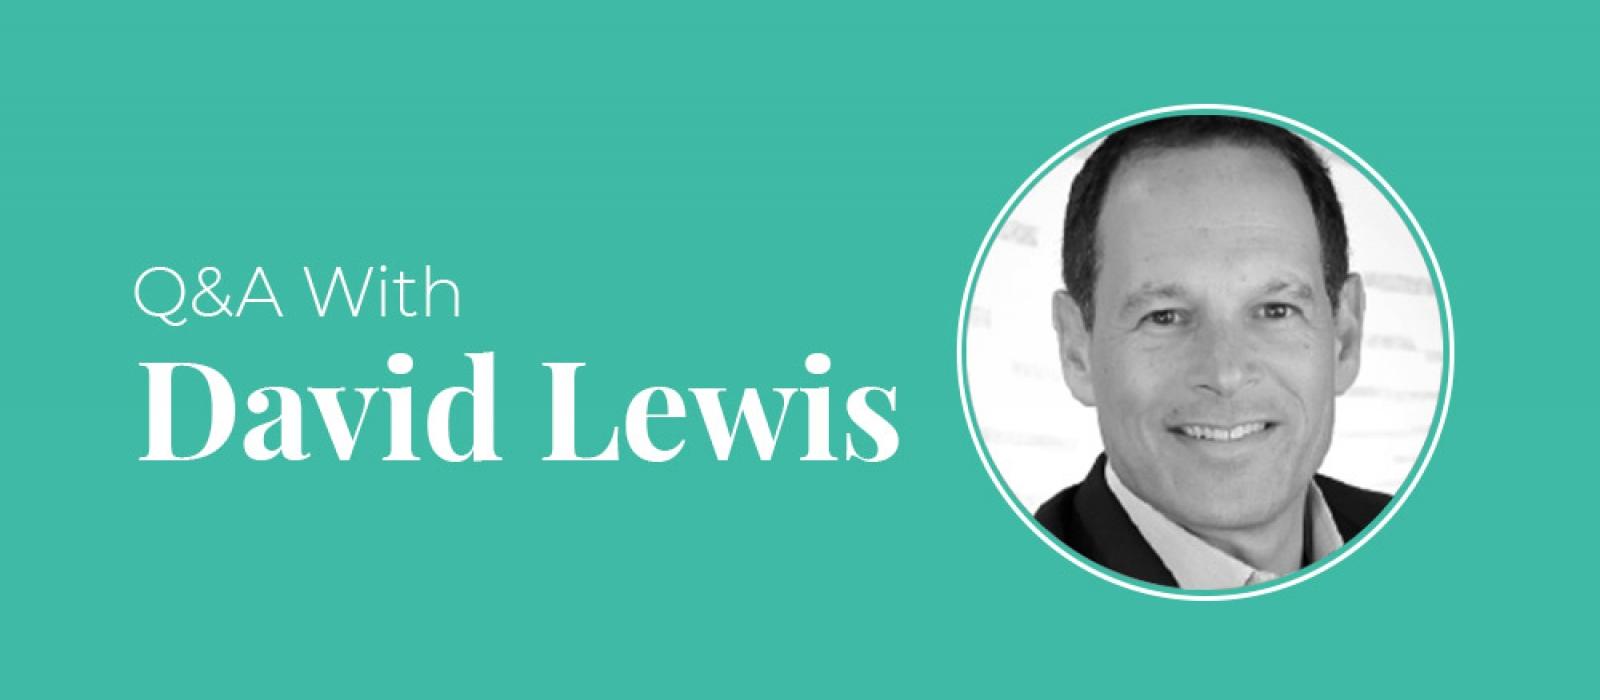 david_lewis_blog